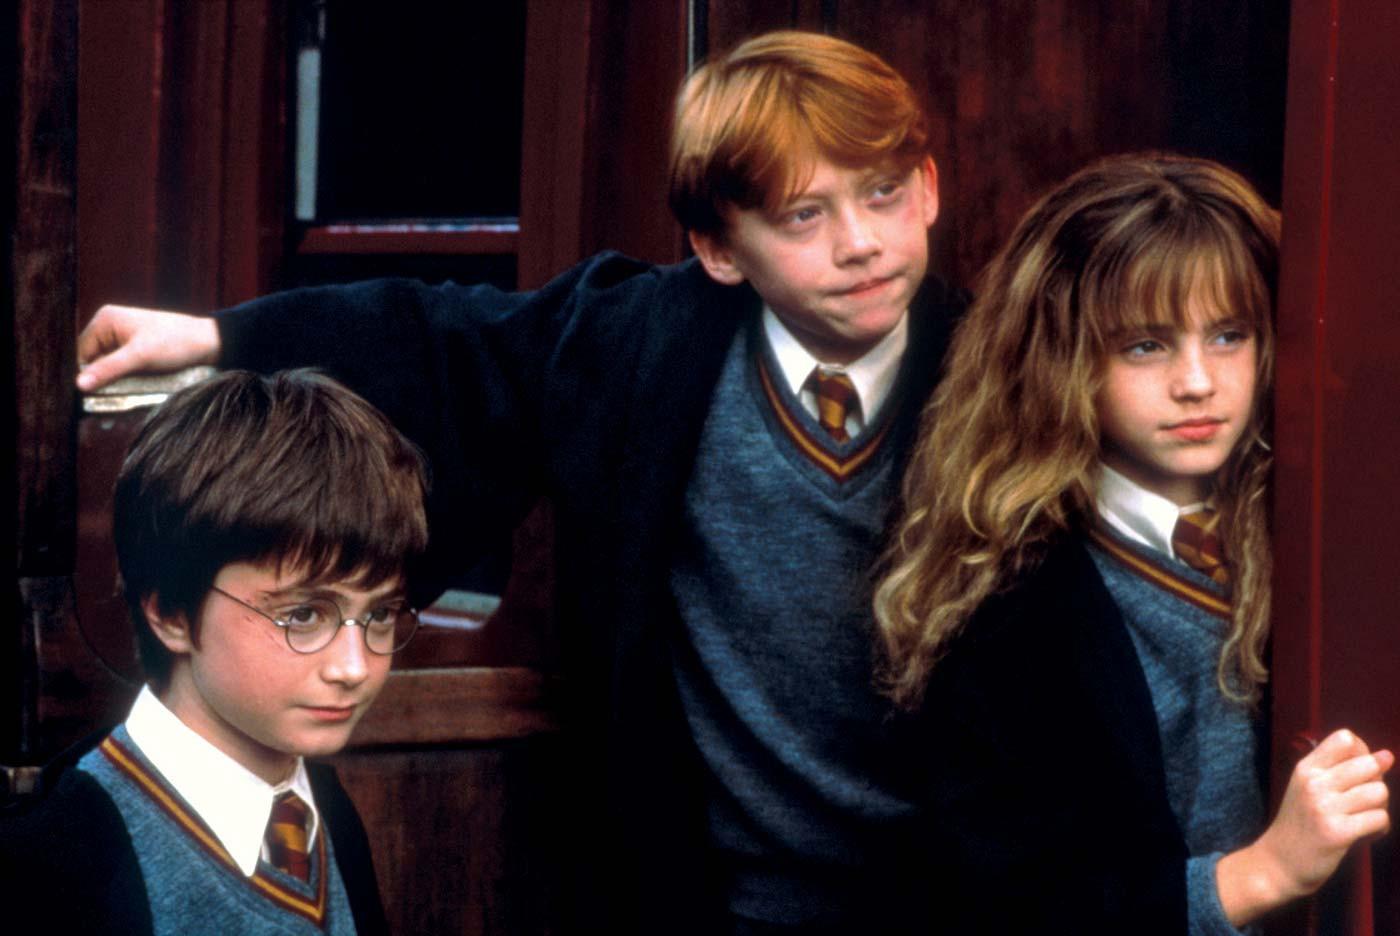 Un personnage -> Son nom de famille (Harry Potter)